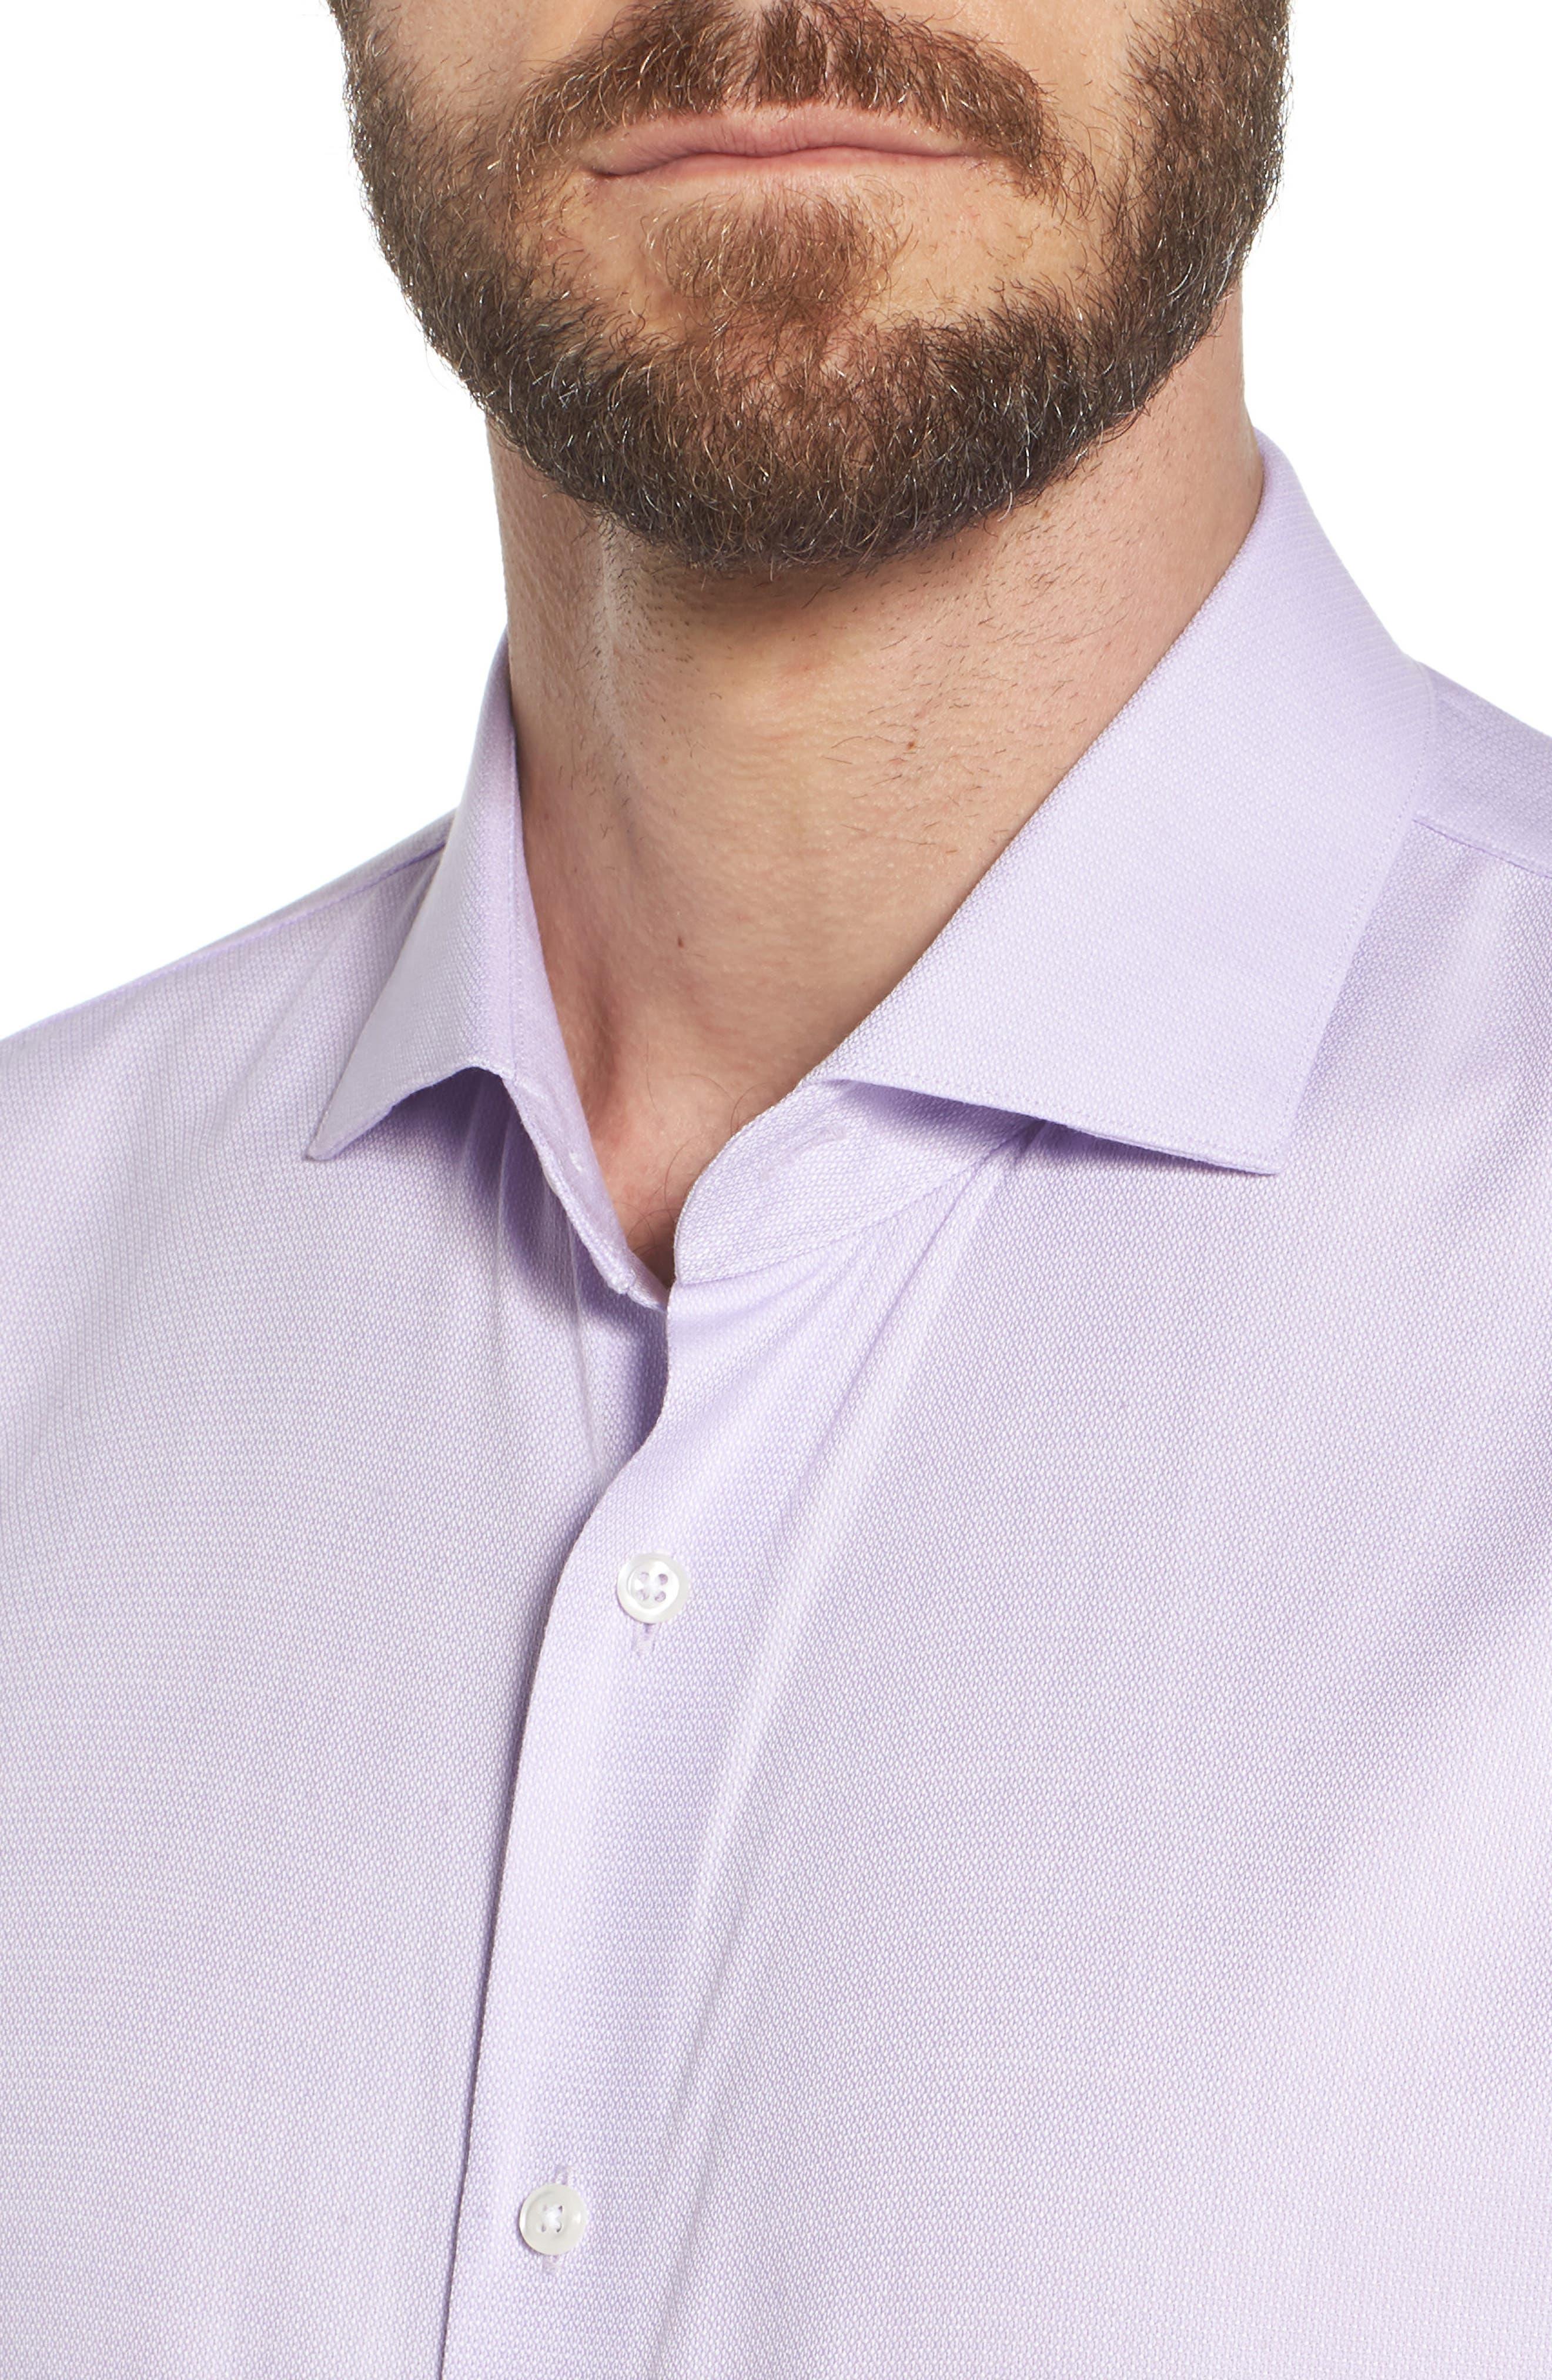 Trim Fit Solid Dress Shirt,                             Alternate thumbnail 2, color,                             530